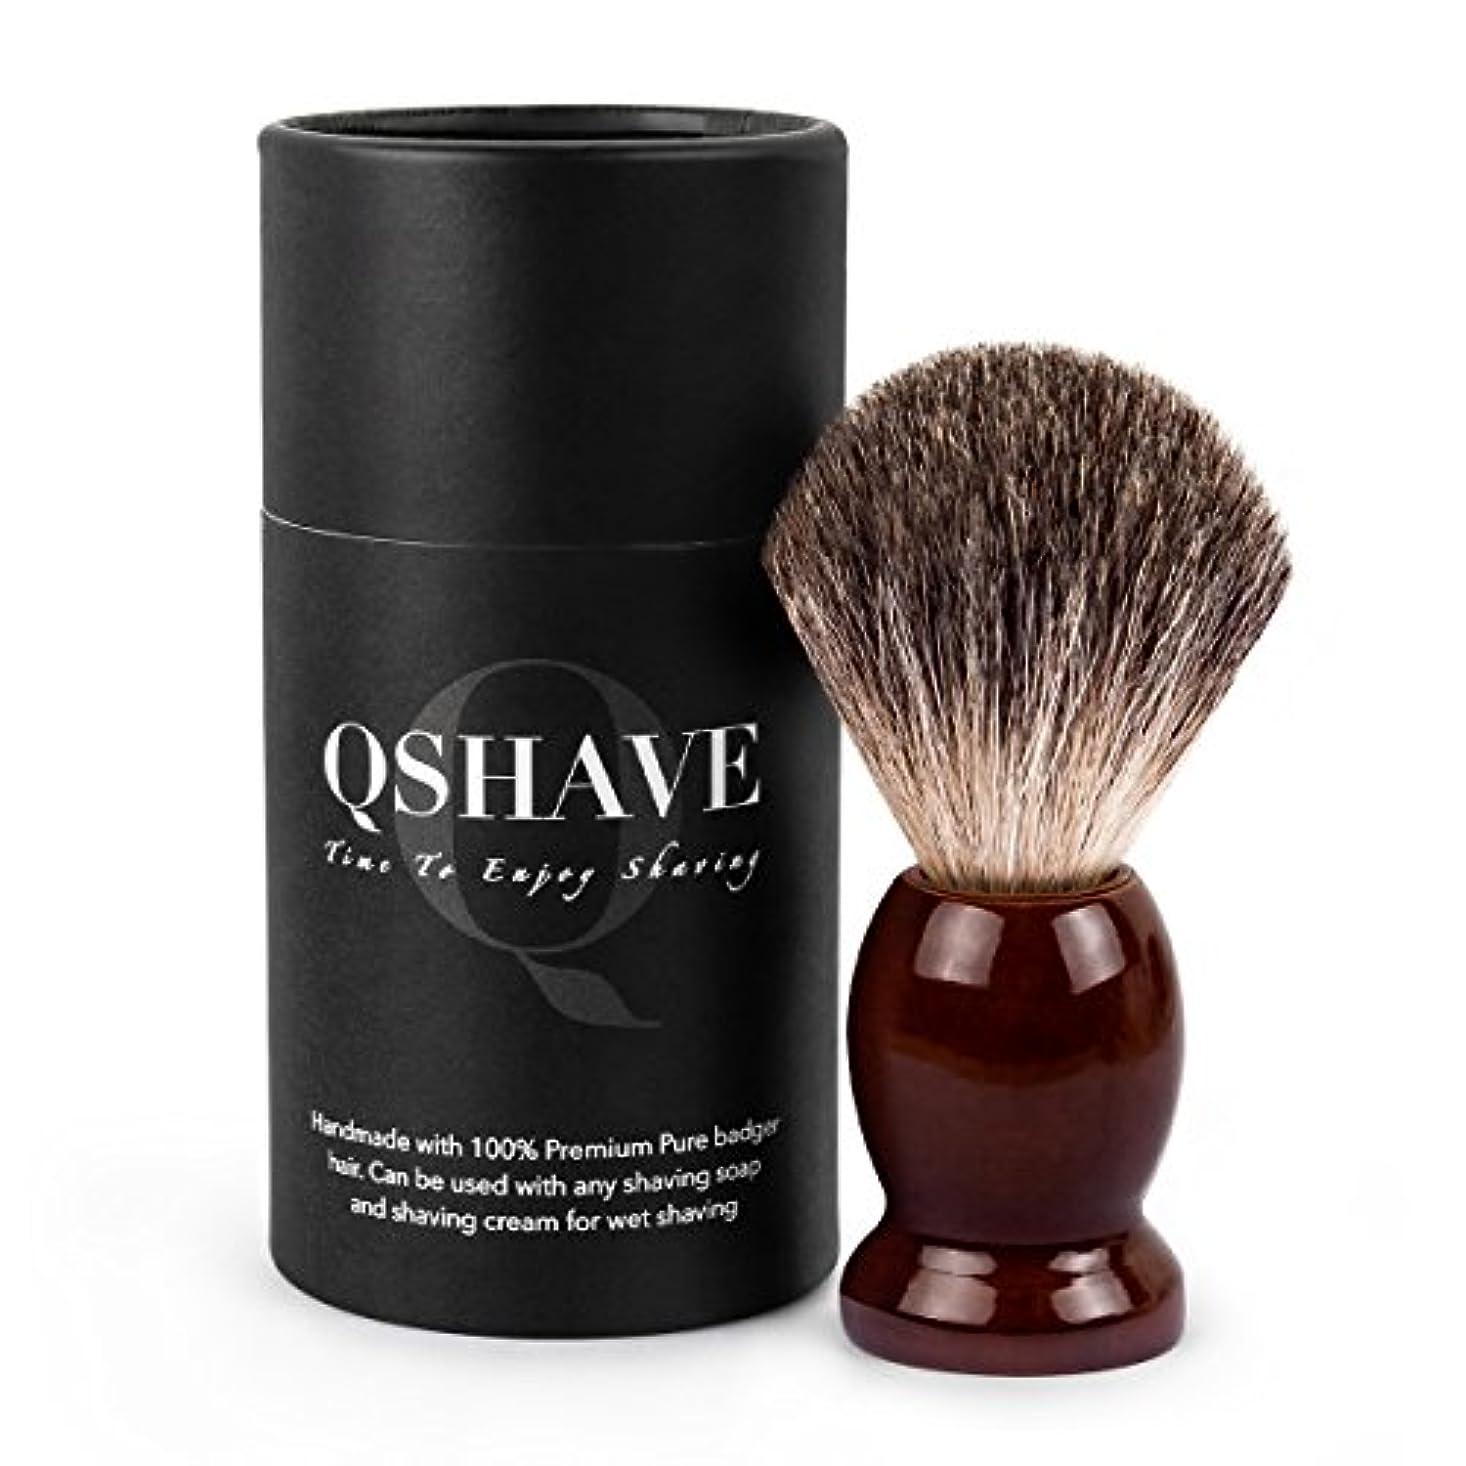 政策ビバ連帯QSHAVE 100%最高級アナグマ毛オリジナルハンドメイドシェービングブラシ。木製ベース。ウェットシェービング、安全カミソリ、両刃カミソリに最適